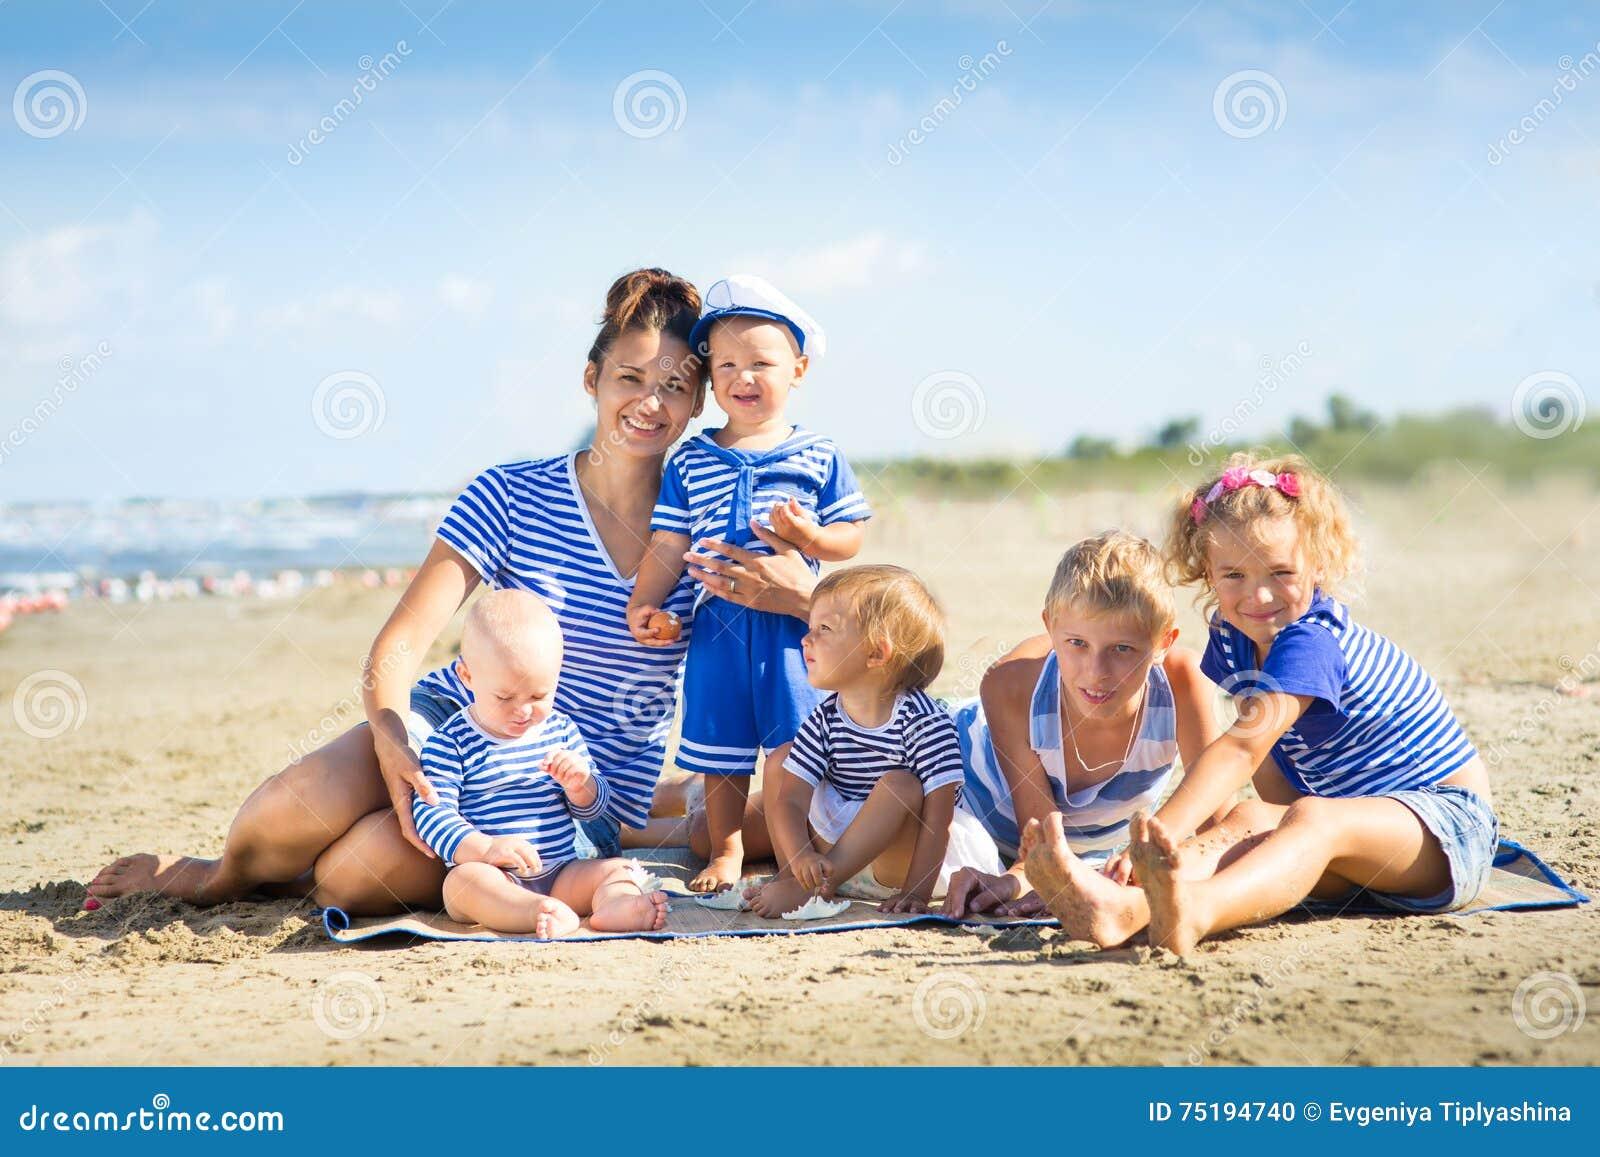 Η μητέρα μου με πέντε παιδιά